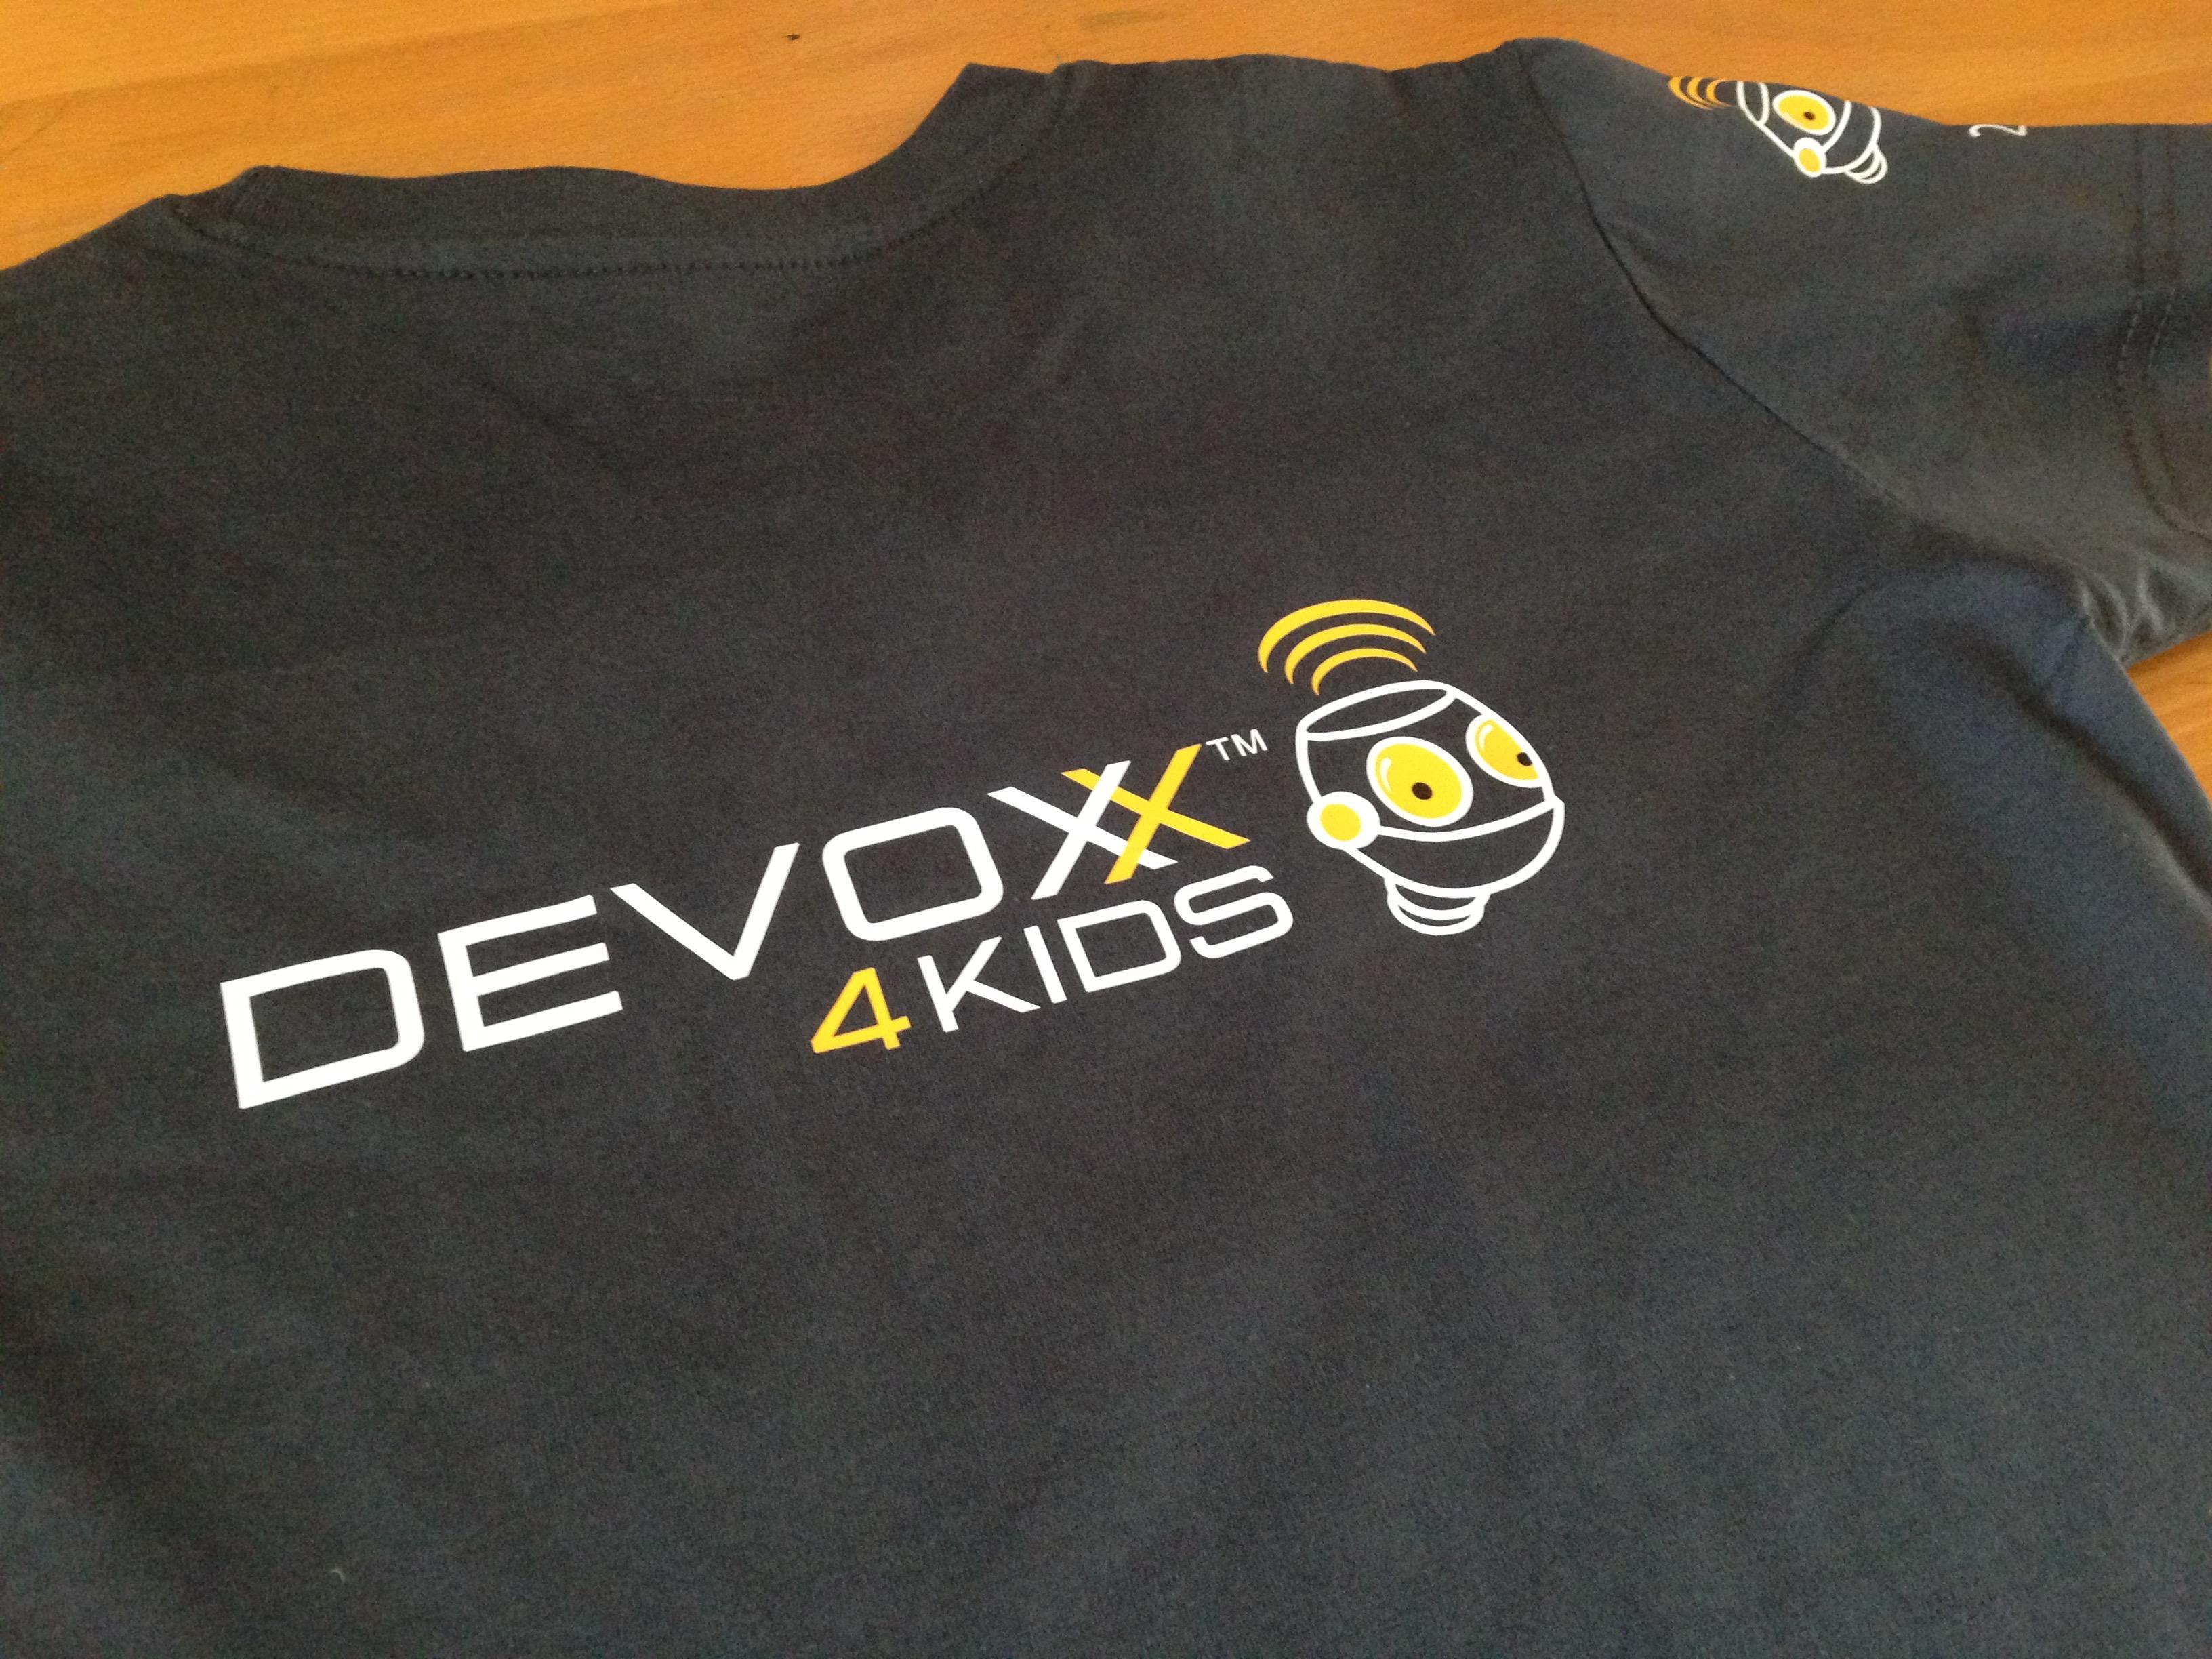 devox 4 kids